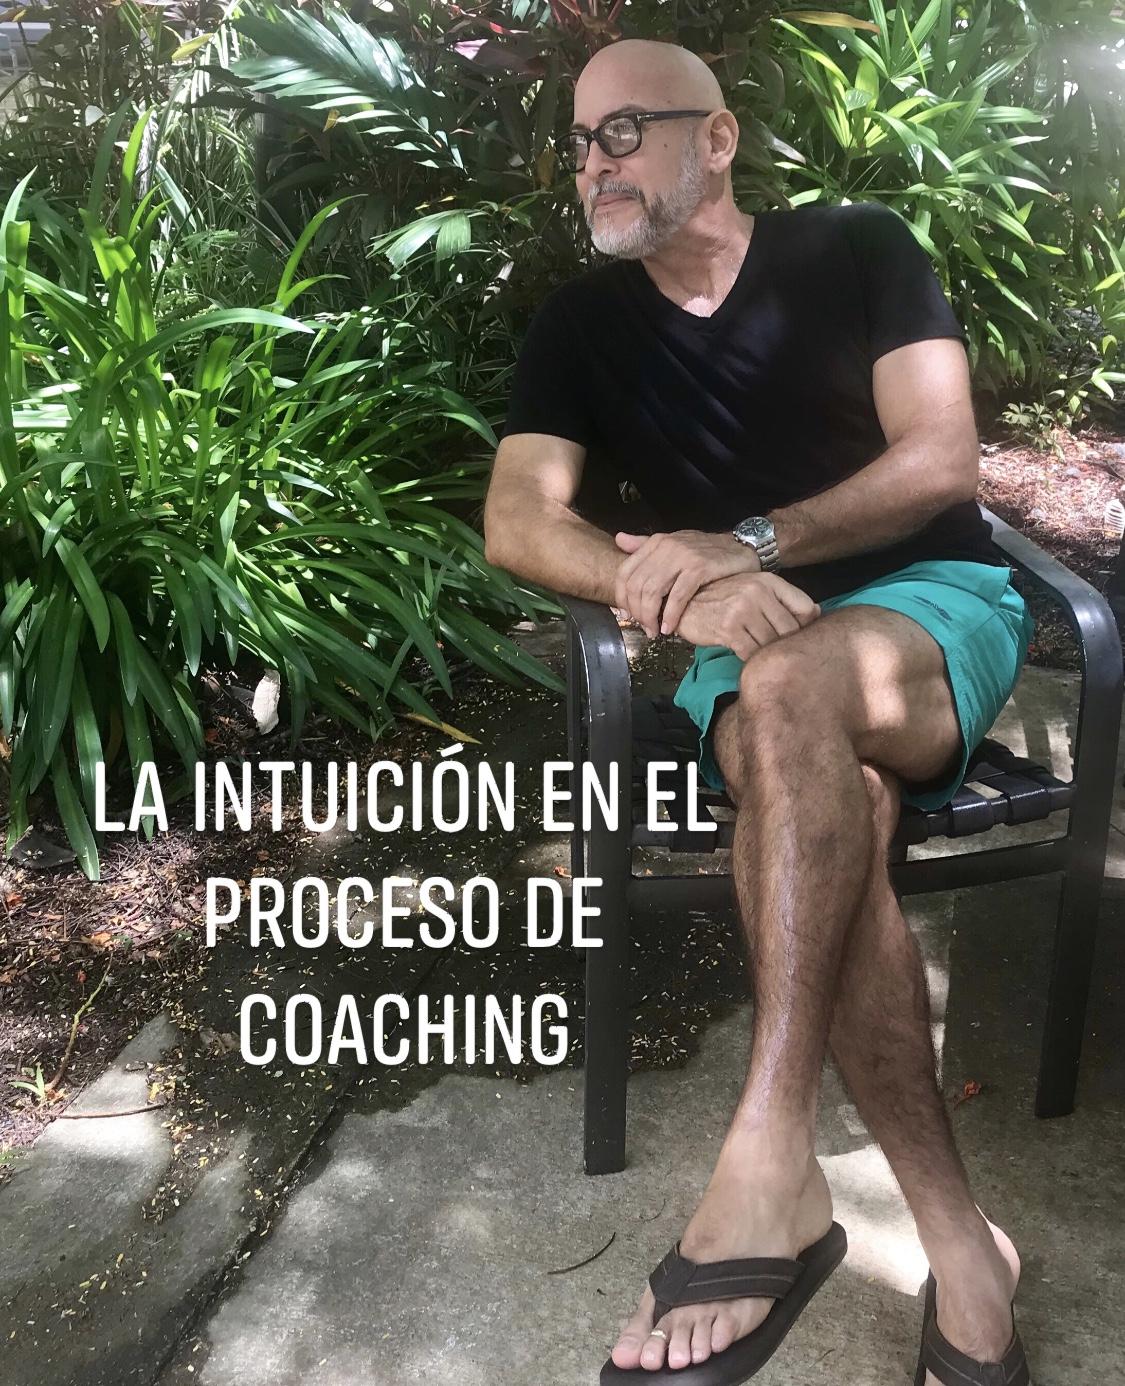 """La intuición en el proceso de """"coaching""""."""